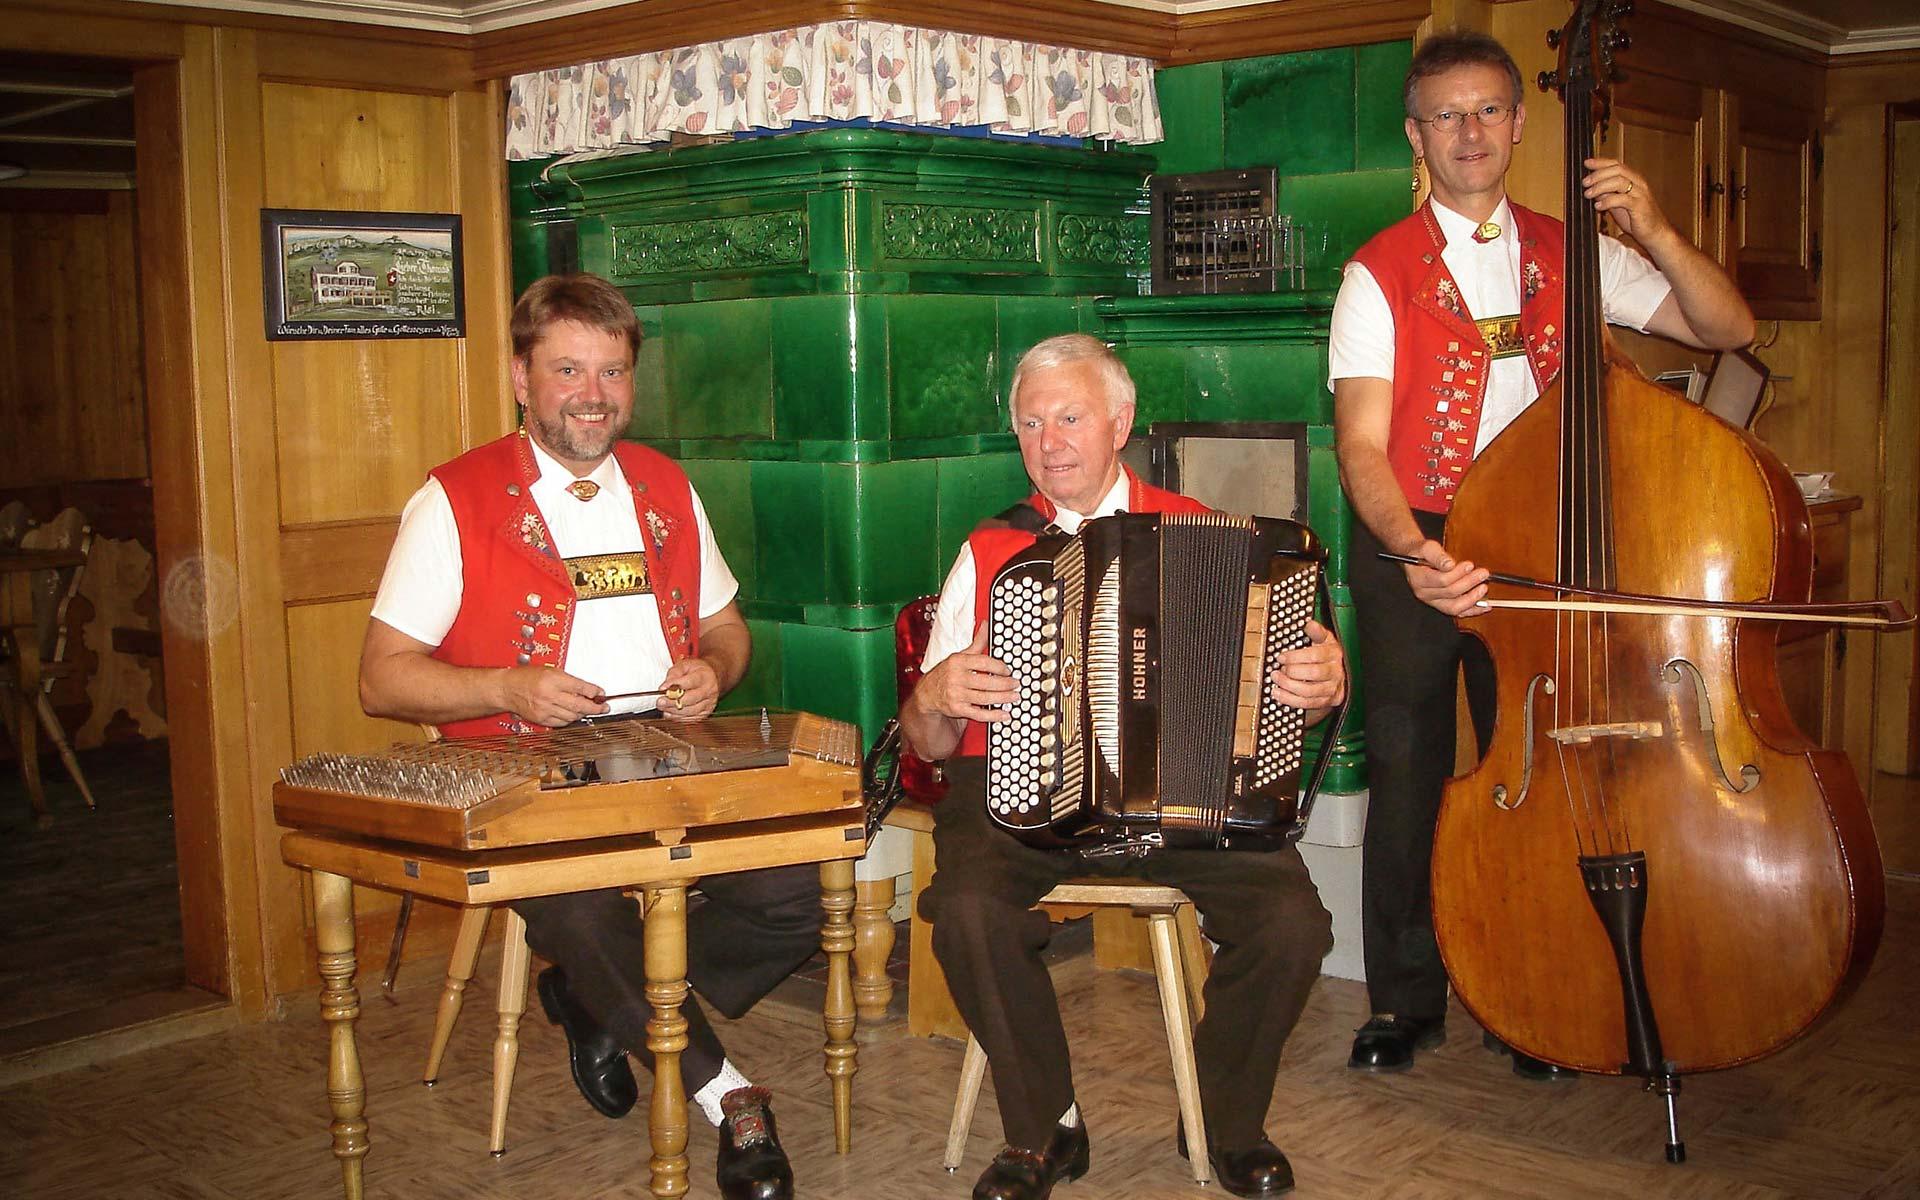 Appenzelleragenda - Musik im Boutique Hotel Bären Gonten